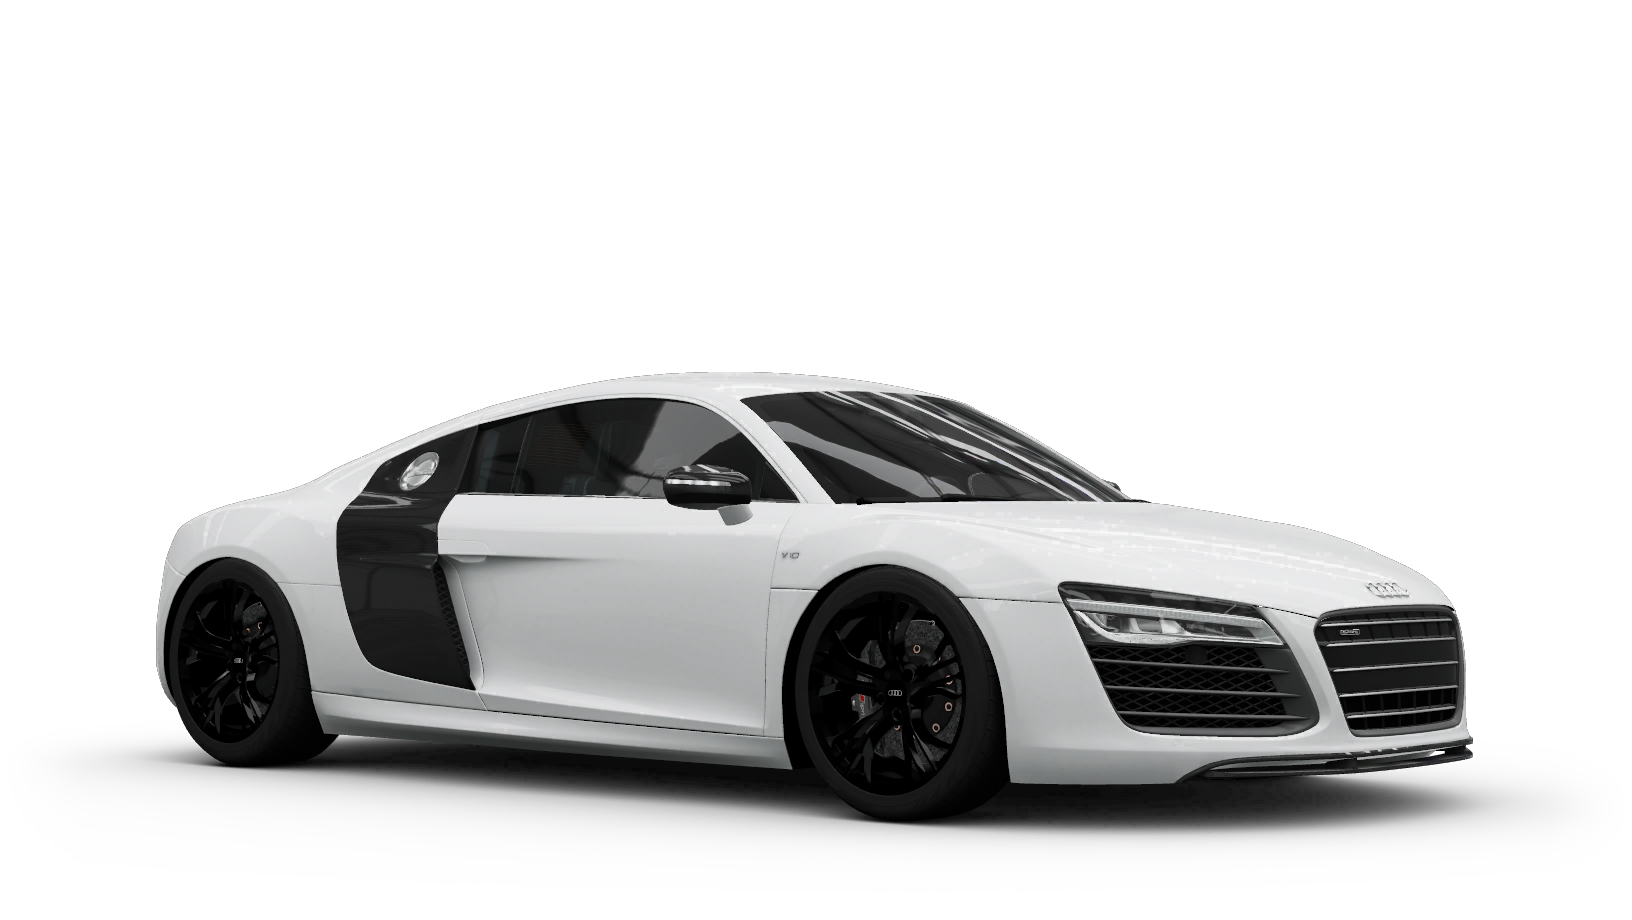 Audi R8 Coupe V10 Plus 5 2 Fsi Quattro Forza Wiki Fandom